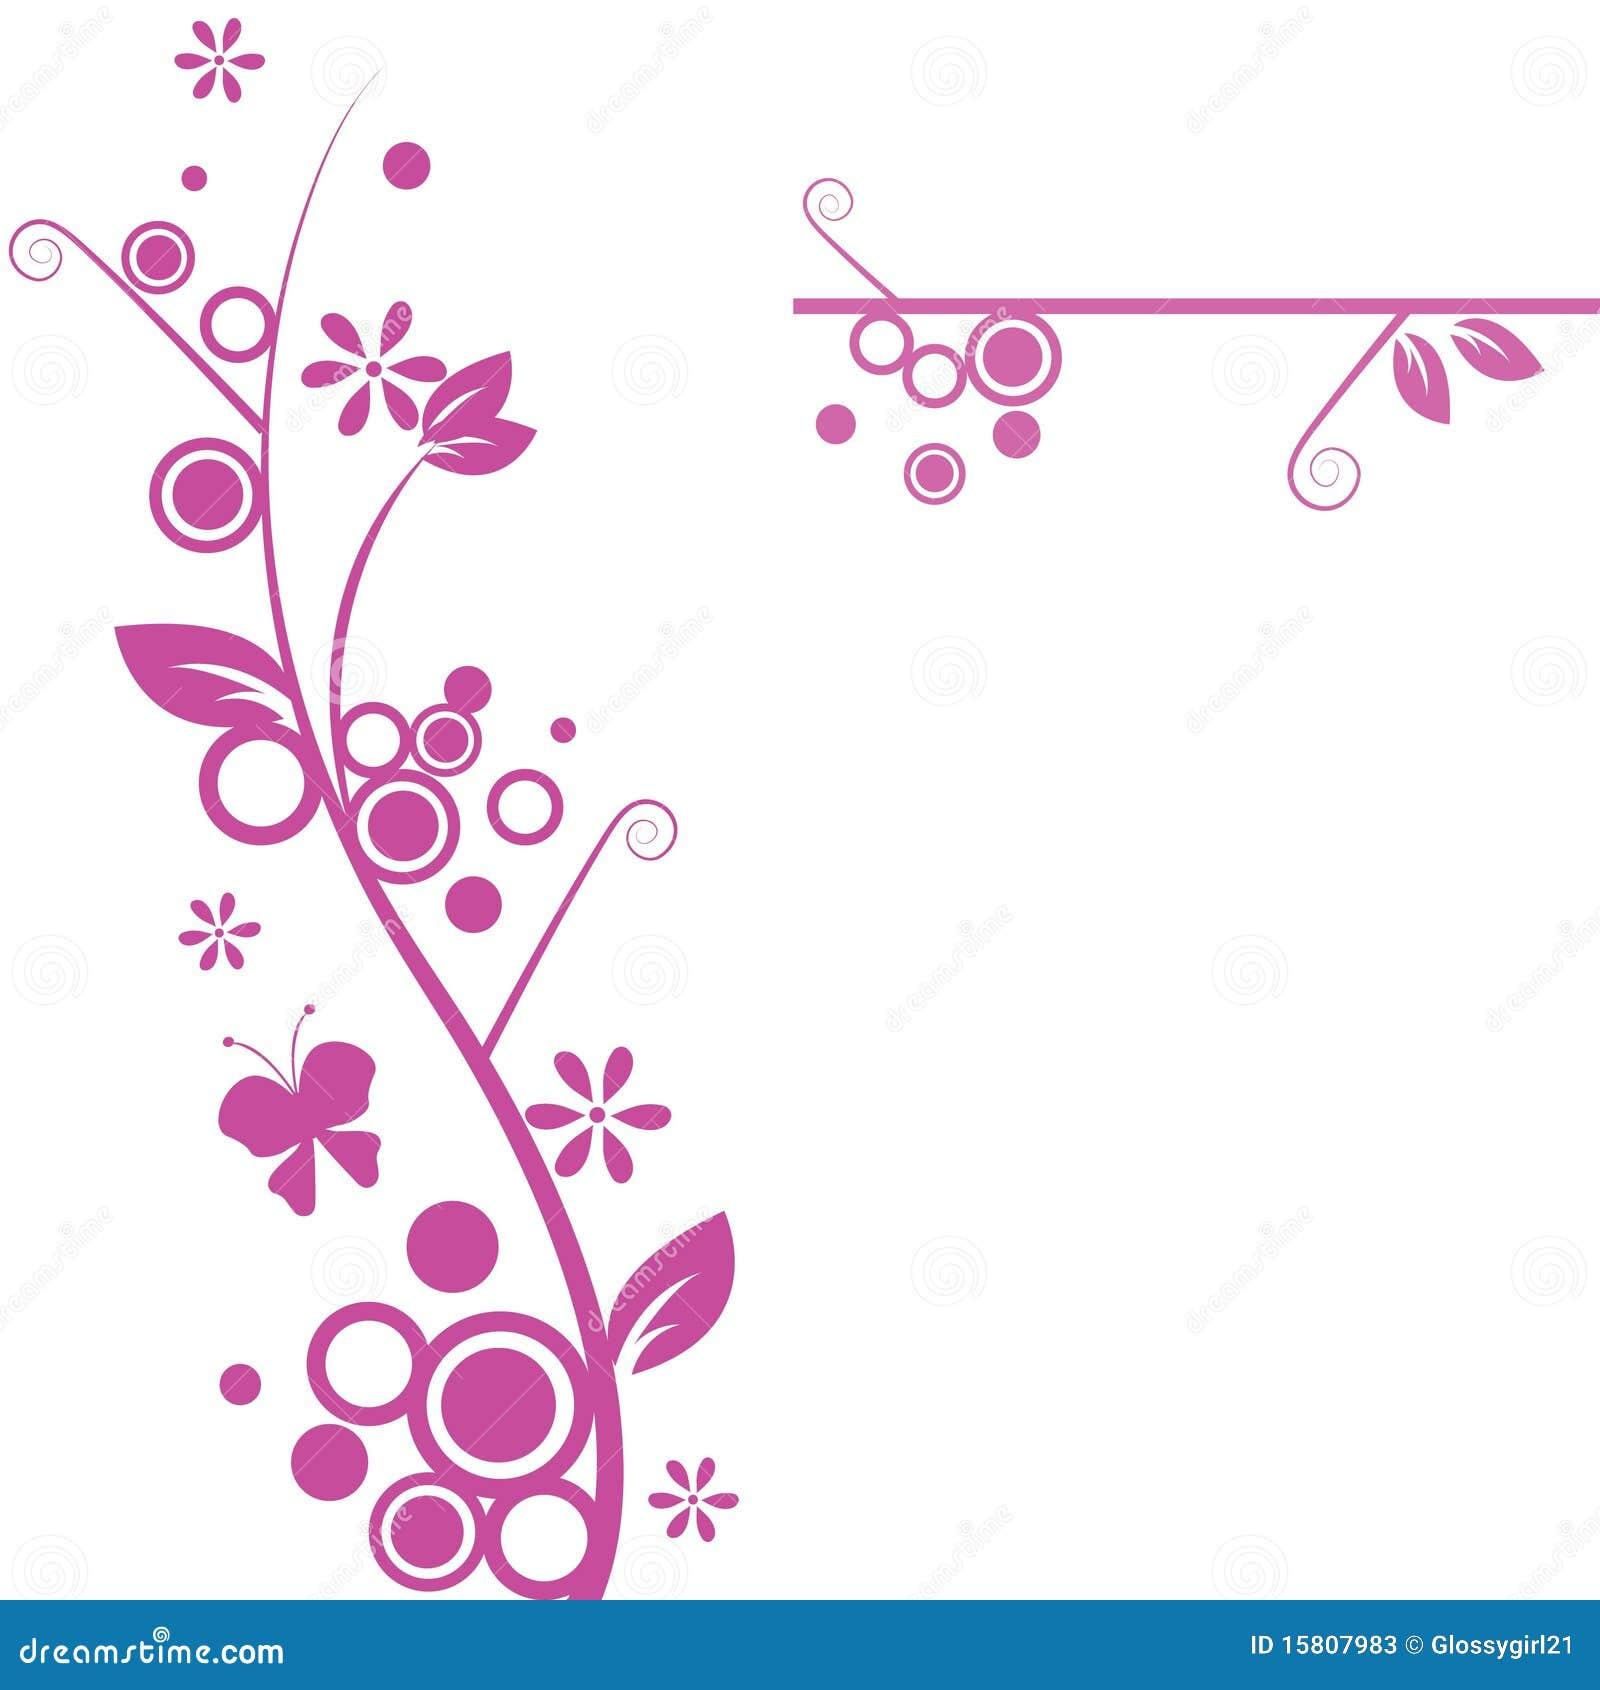 Dise os florales fotos de archivo imagen 15807983 - Diseno de fotos ...